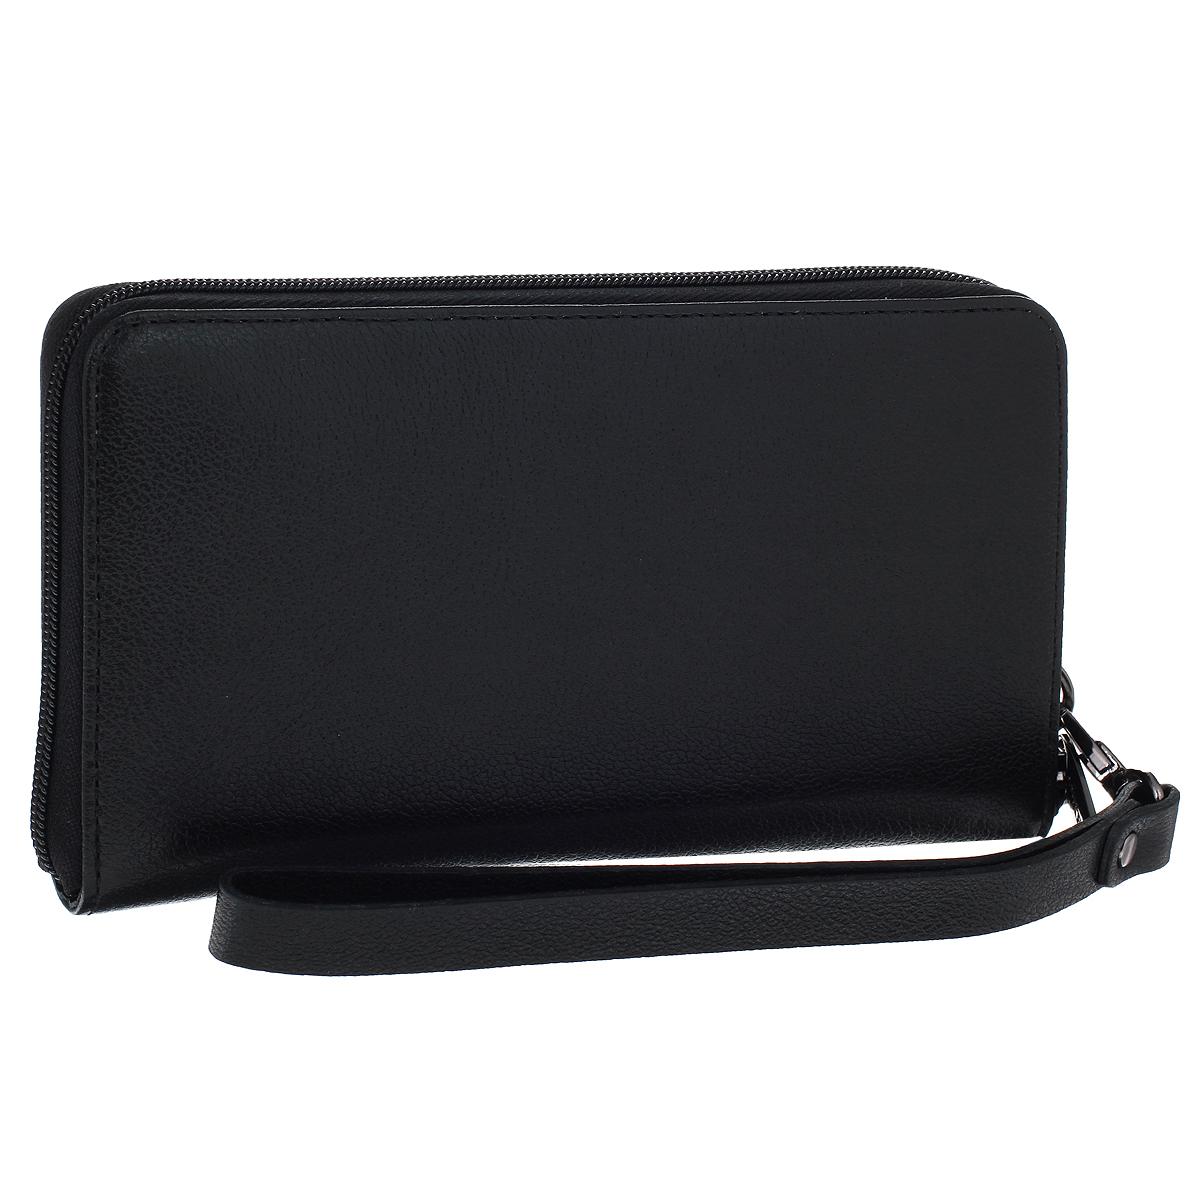 Бизнес-клатч мужской Askent, цвет: черный. PM.45.LGPM.45.LG черныйИзысканный бизнес-клатч Askent изготовлен из натуральной кожи и исполнен в лаконичном стиле. Изделие закрывается на застежку-молнию. Внутри - два отделения для купюр, отделение для мелочи на молнии, два скрытых кармана и двенадцать карманов для пластиковых карт. Бизнес-клатч оснащен удобной ручкой-петелькой. Изделие упаковано в фирменный чехол. Стильный бизнес-клатч - незаменимая вещь в гардеробе каждого мужчины. Он прекрасно впишется в модный образ и подчеркнет ваш безупречный вкус.